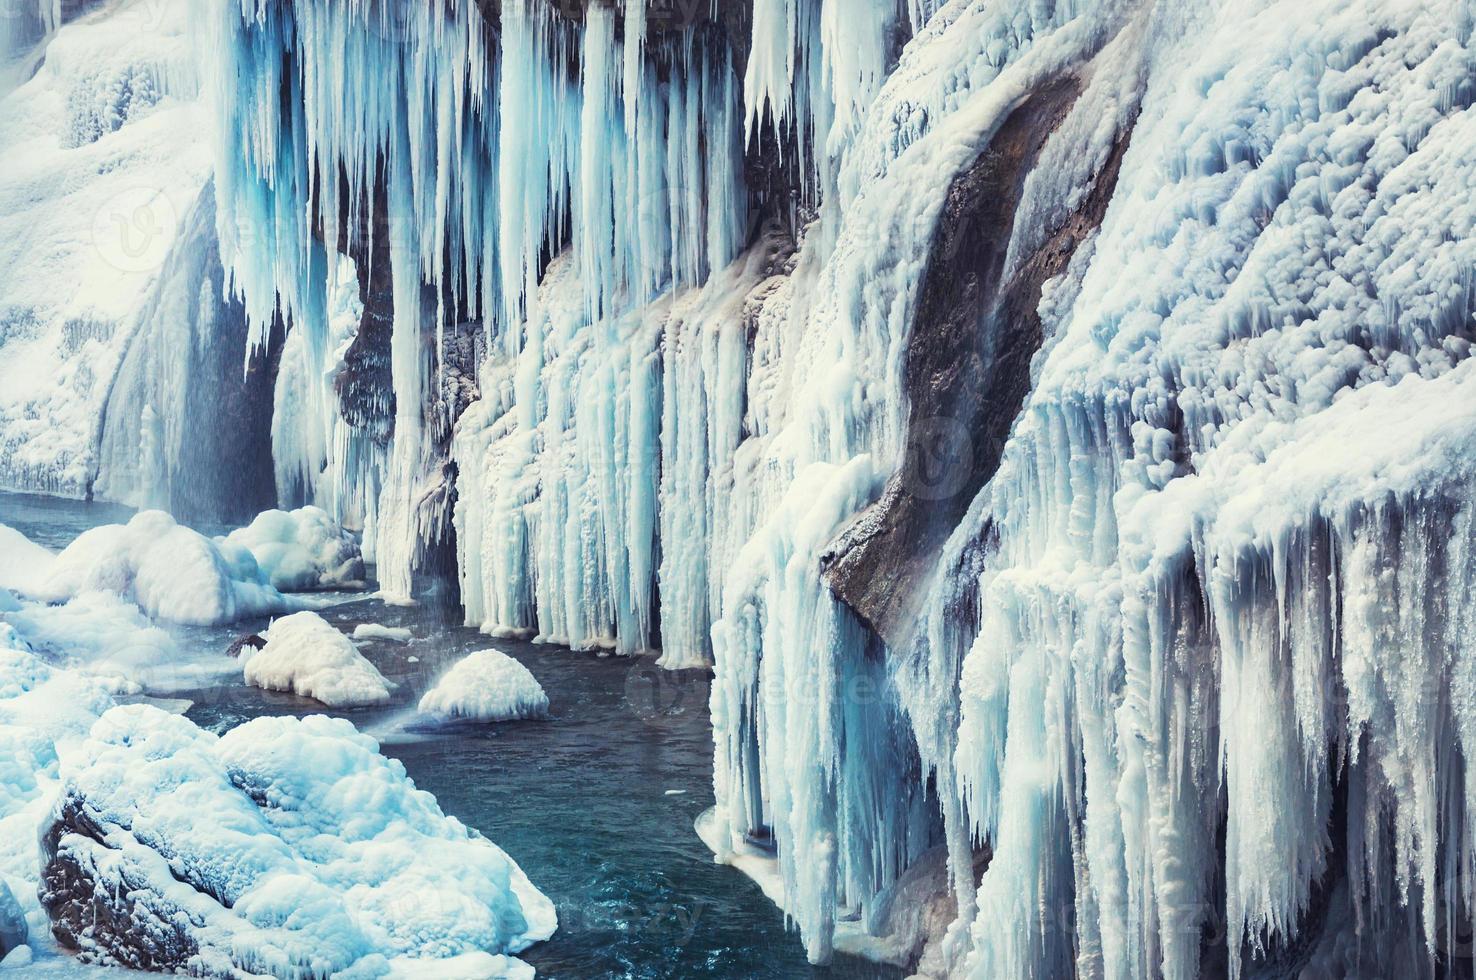 cascada congelada en las montañas foto